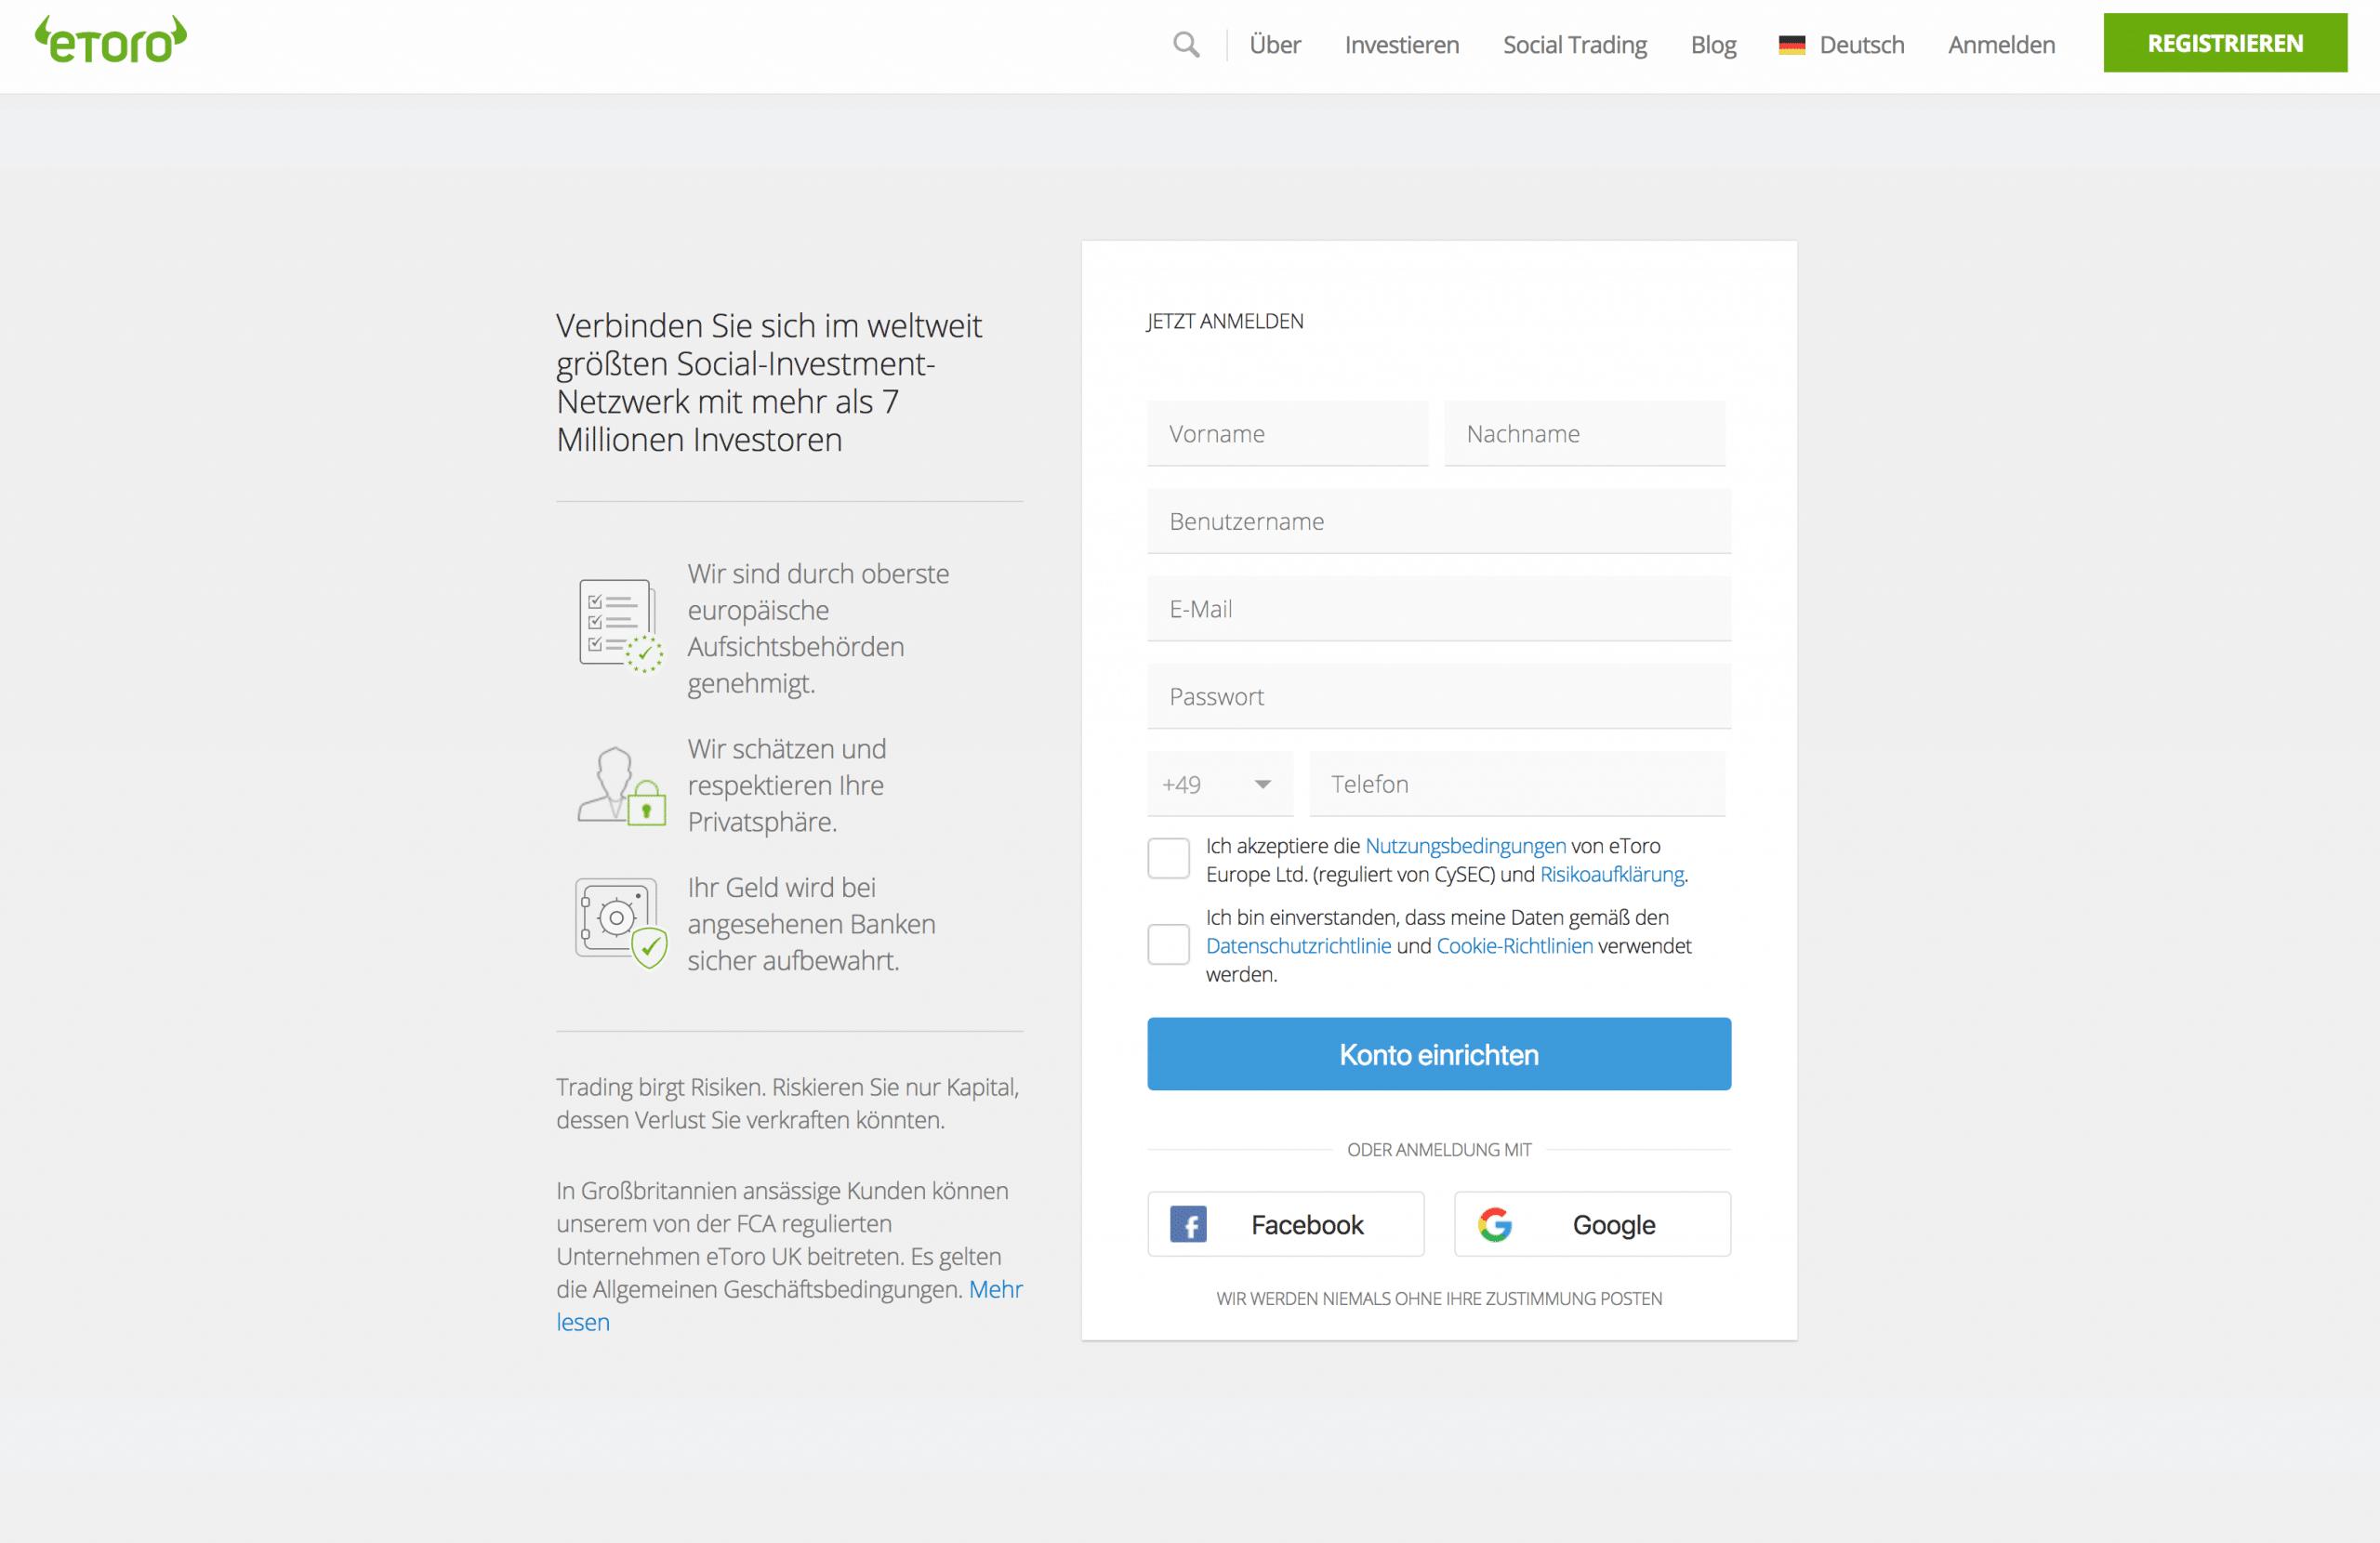 eToro Erfahrungen - Registrierungsprozess